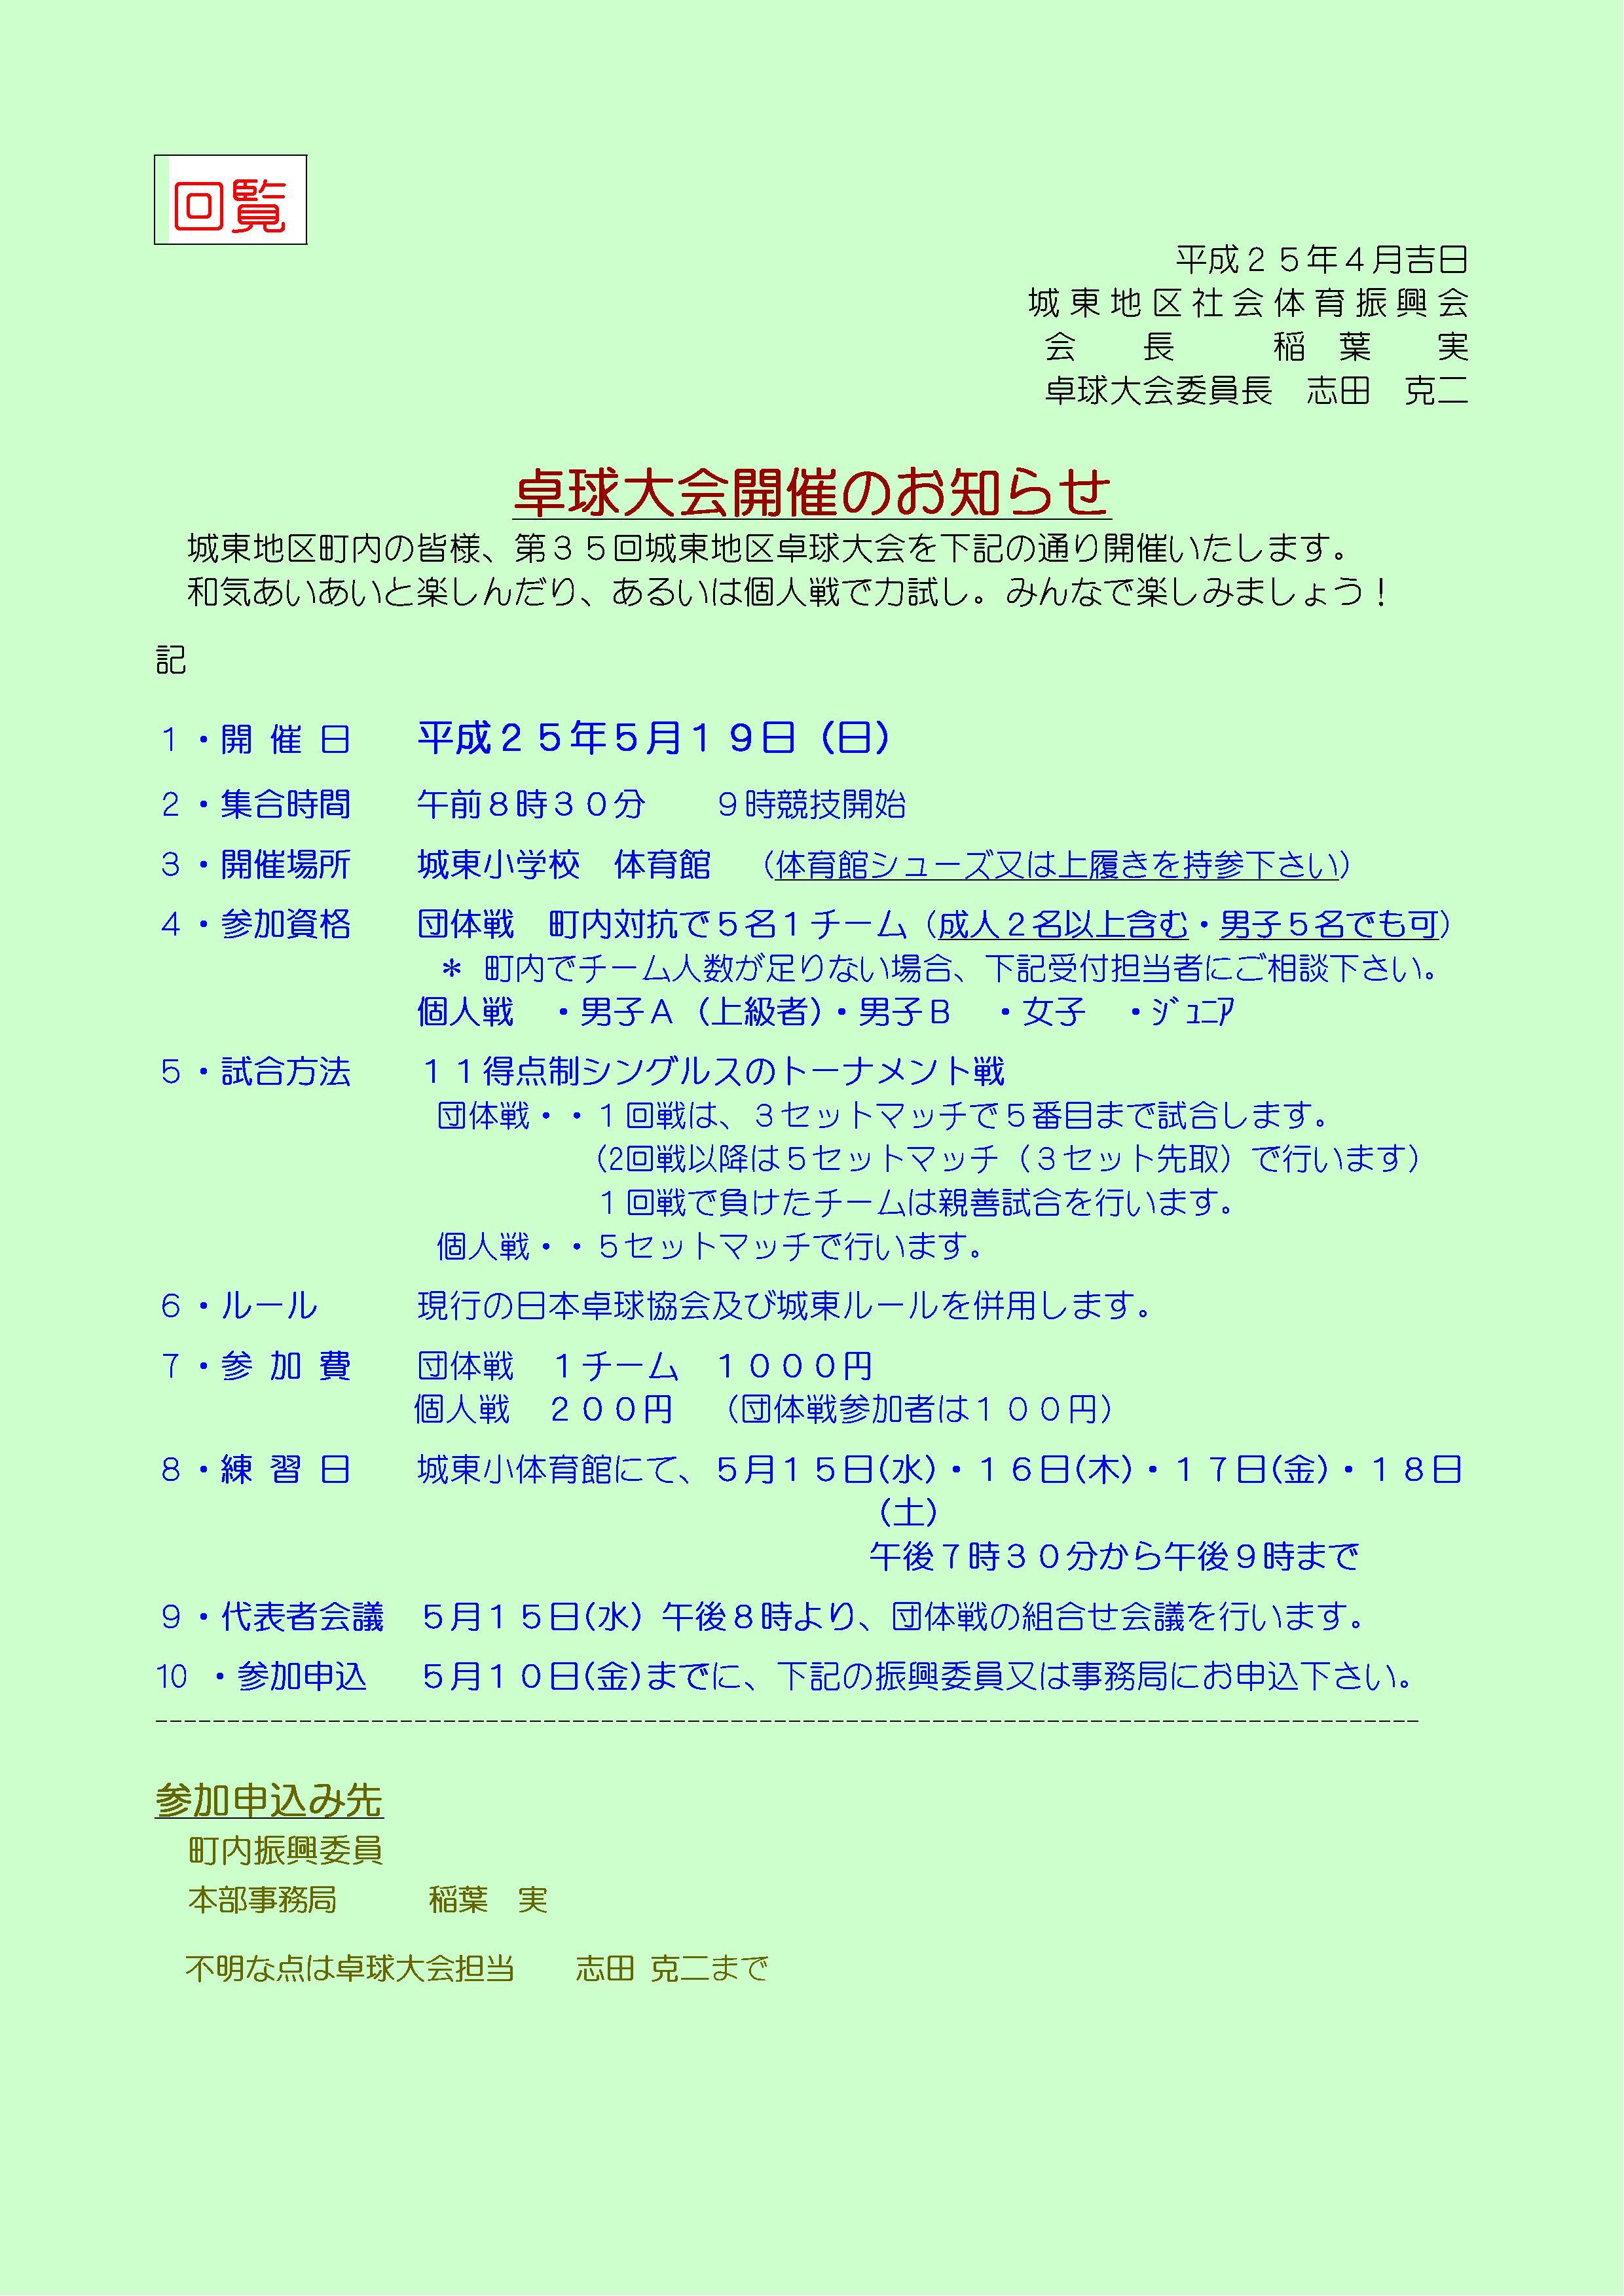 2013 卓球大会ご案内 HP用 .jpg